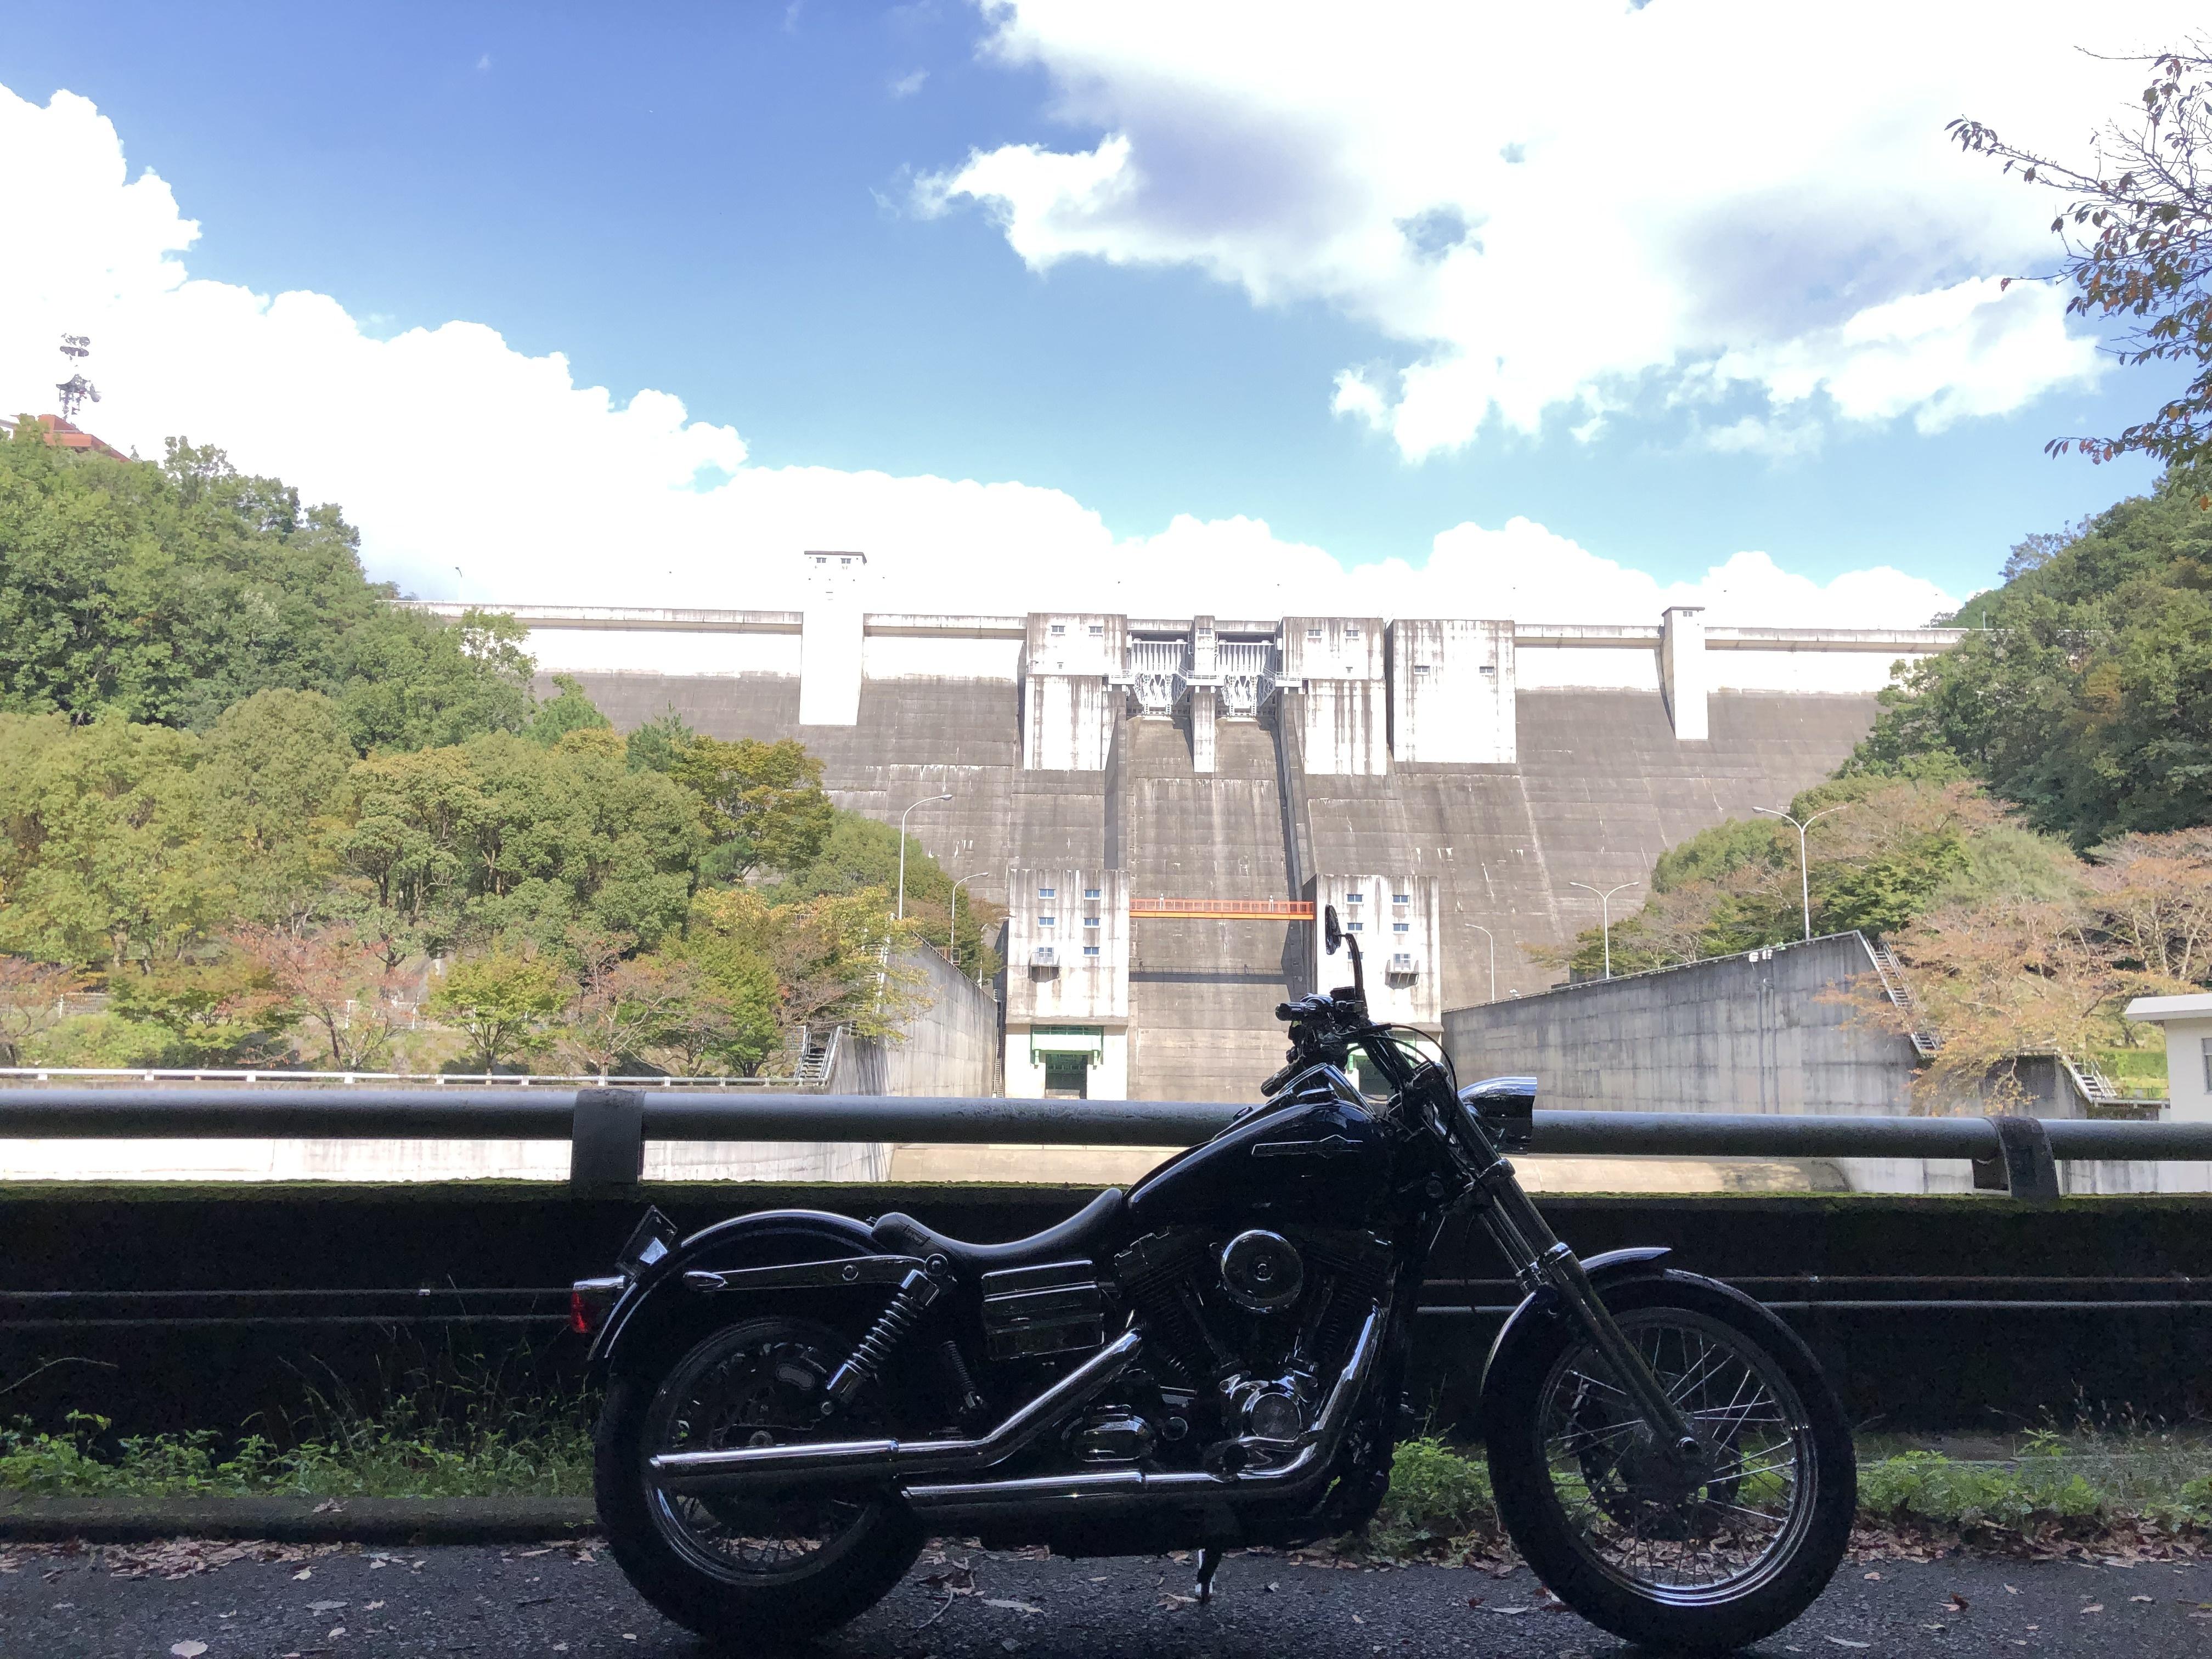 ぴーきち&ダイナ ハーレーで行く 一庫ダムツーリング 一庫ダムとダイナ